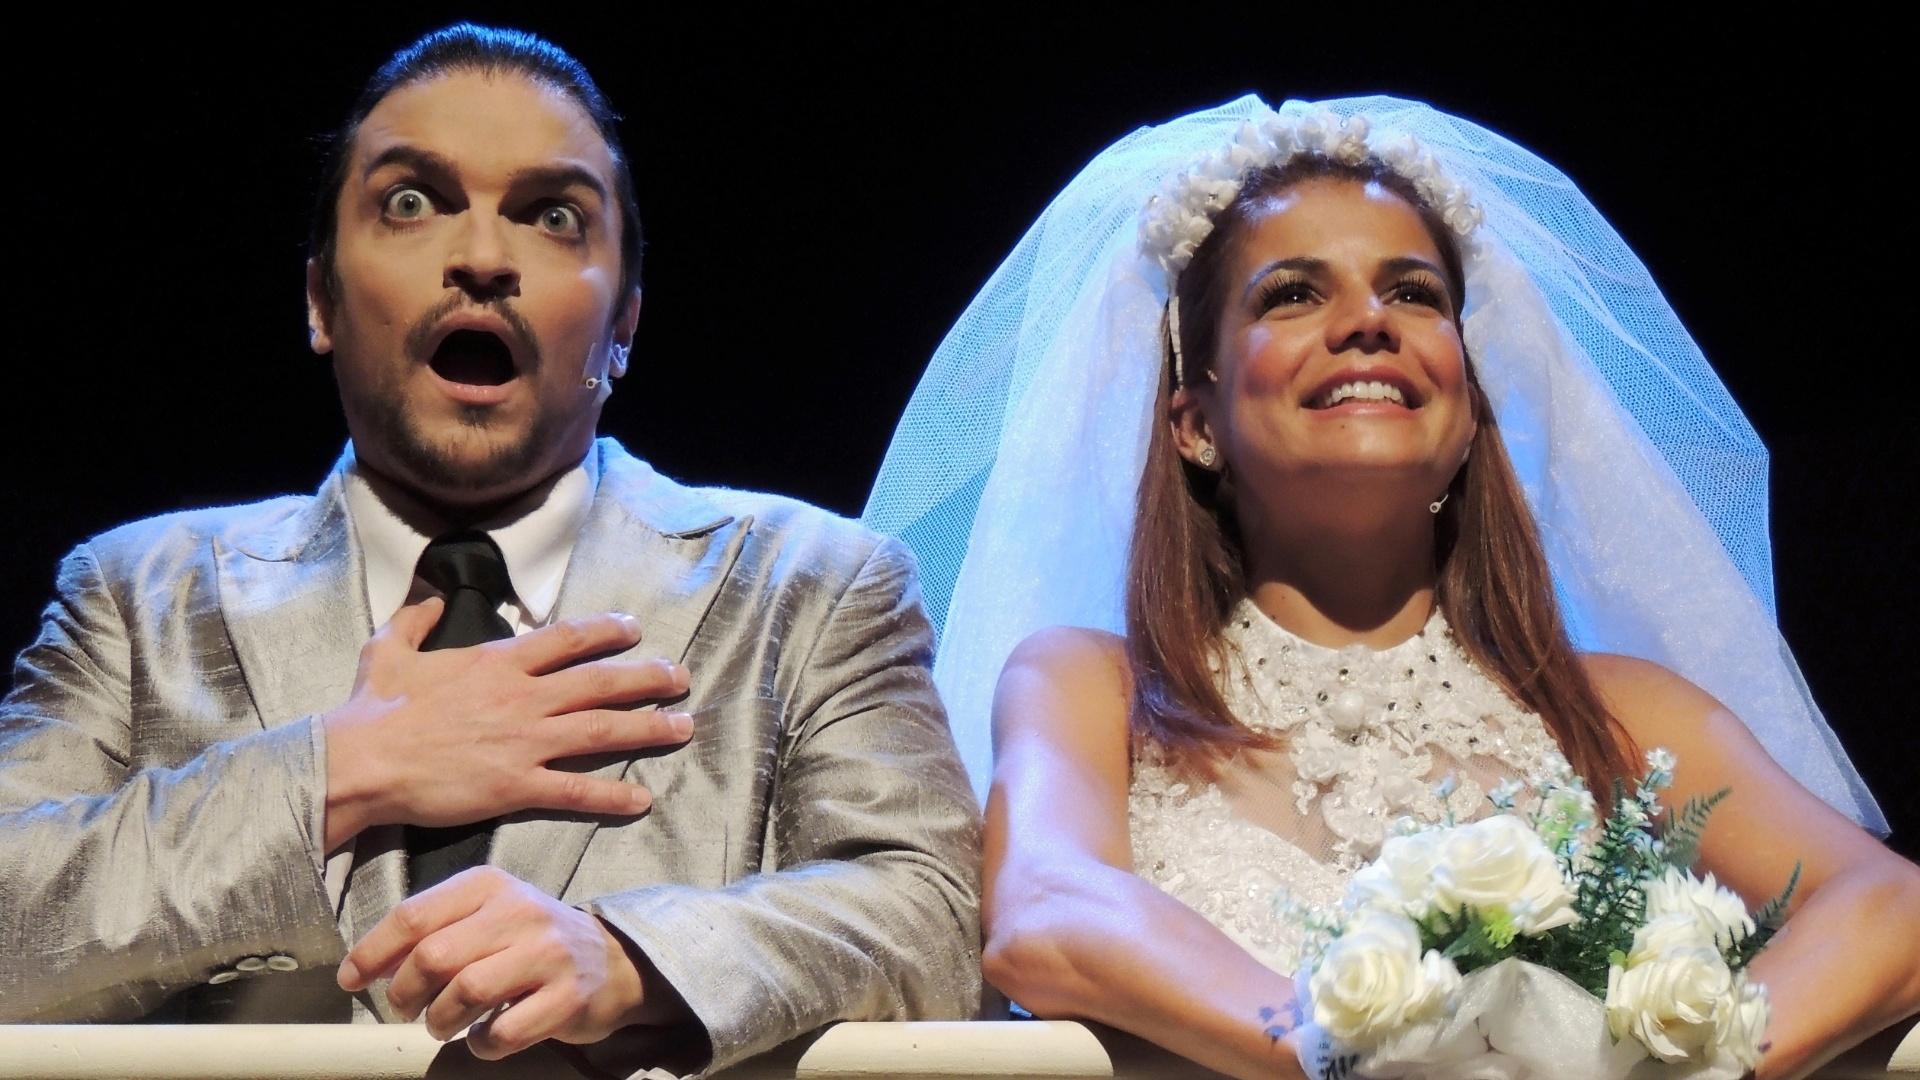 Maurício Machado e Nívea Stelmann na comédia